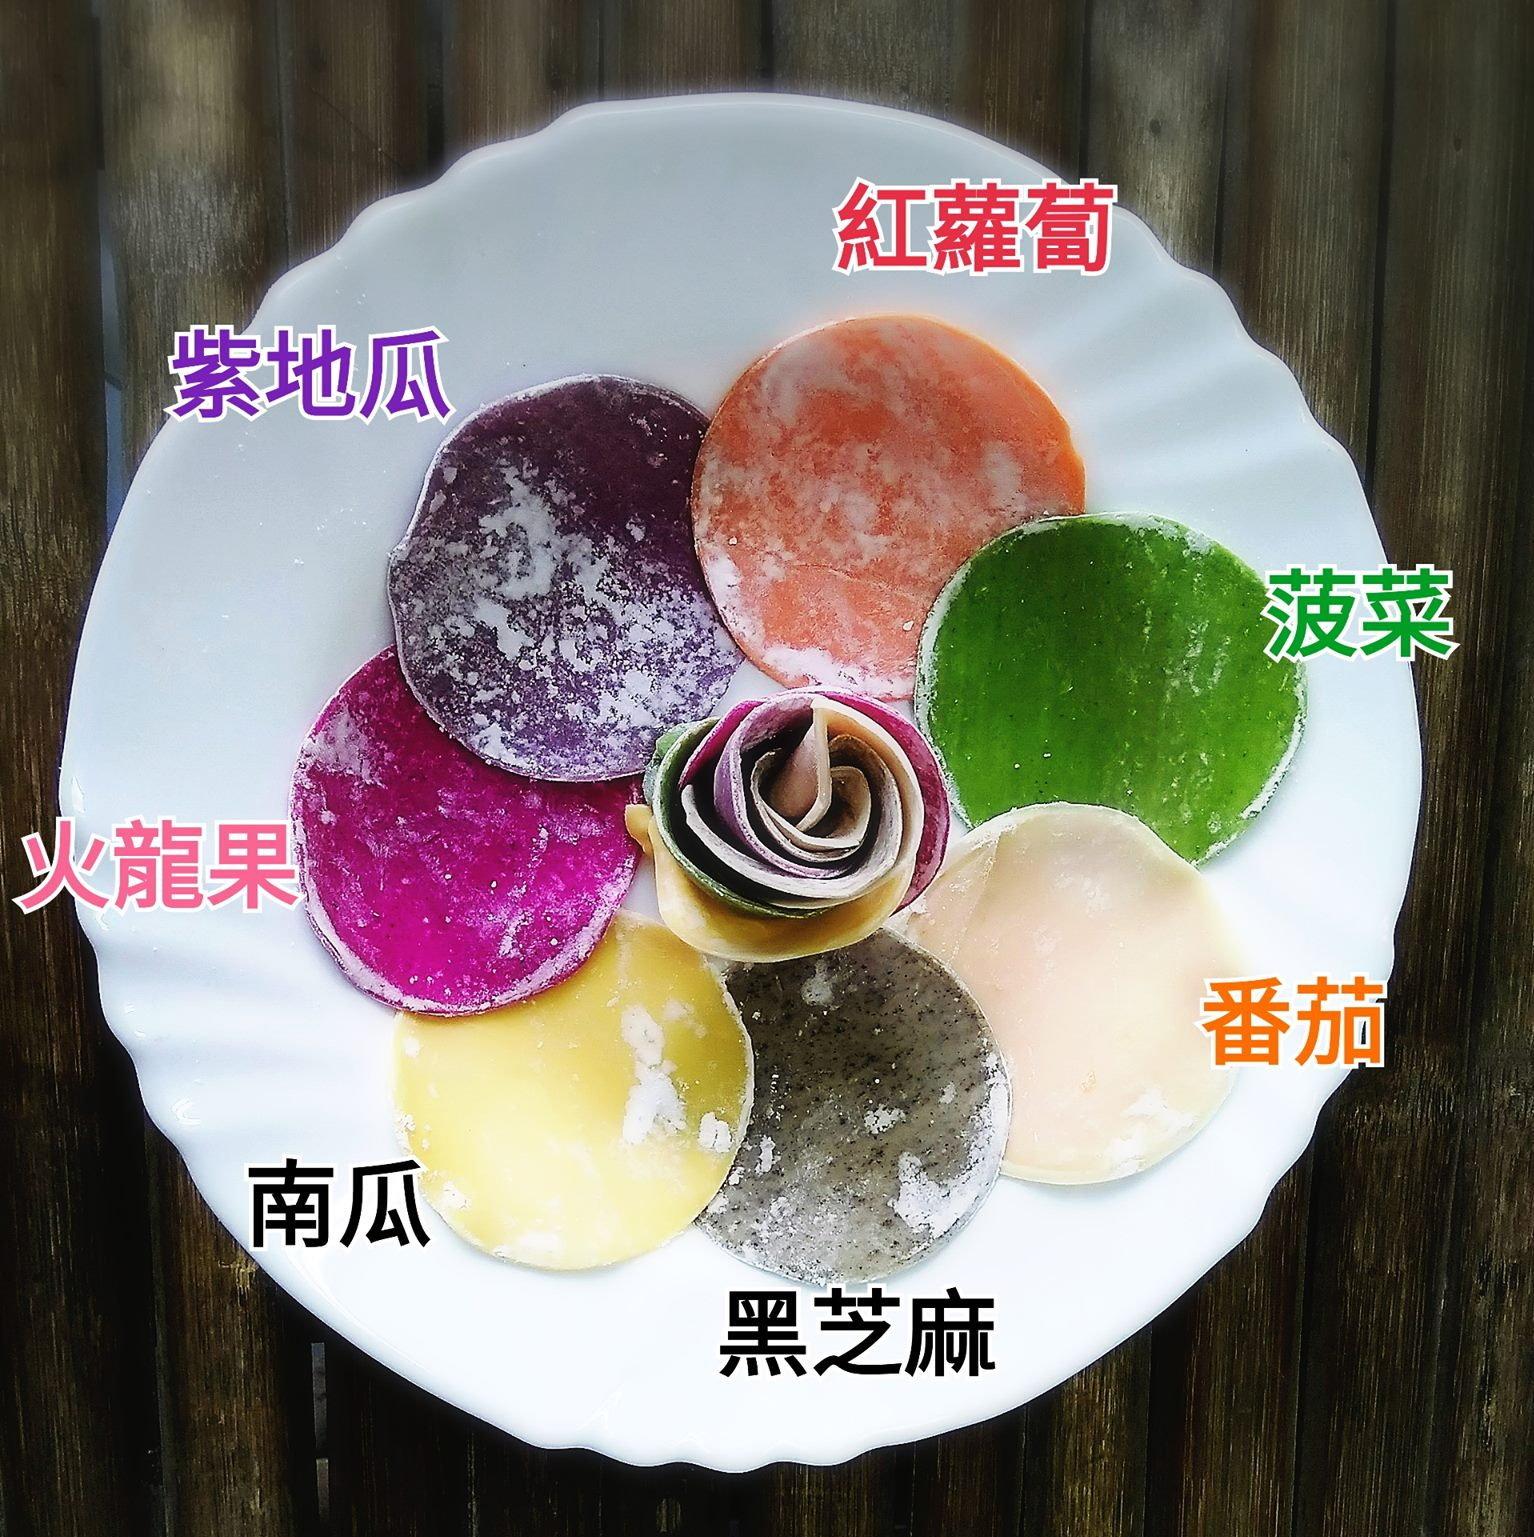 無鹽彩色水餃皮 (半斤))南瓜 紅蘿蔔 黑芝麻 紫地瓜 菠菜 火龍果 蕃茄